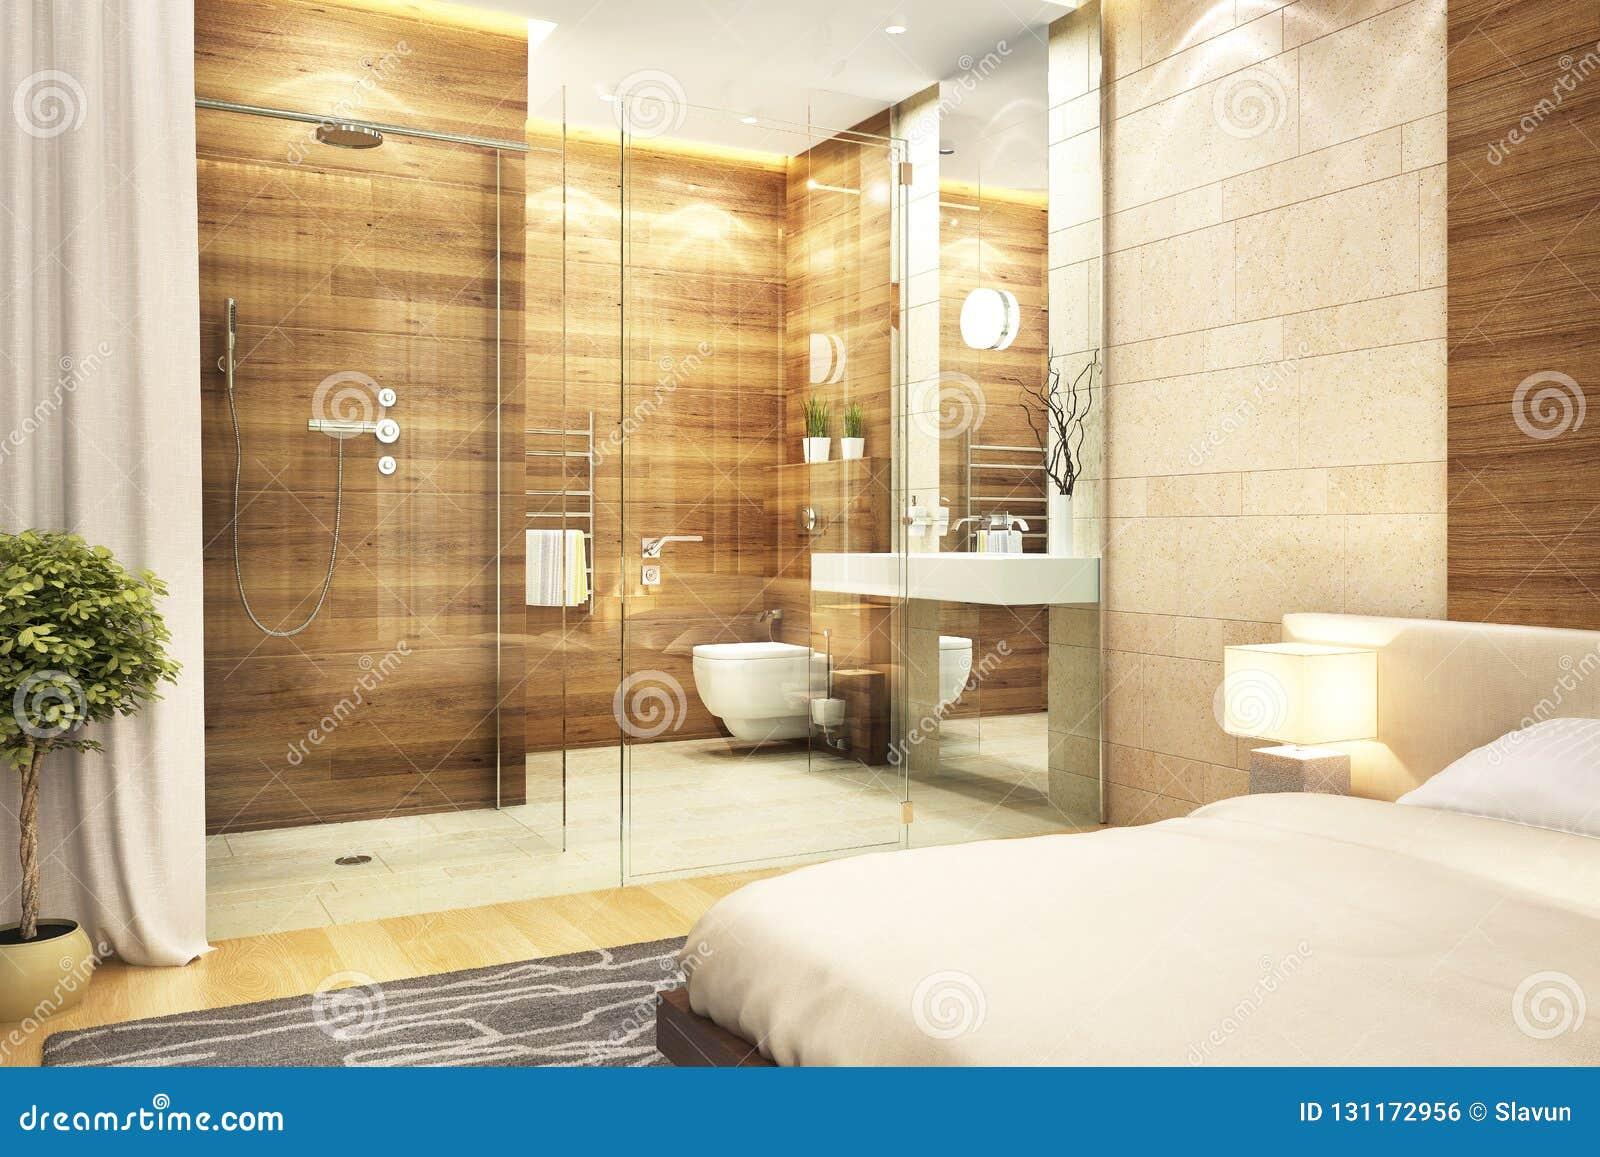 Cuarto De Baño Del Diseño Moderno En Dormitorio Foto de archivo ...